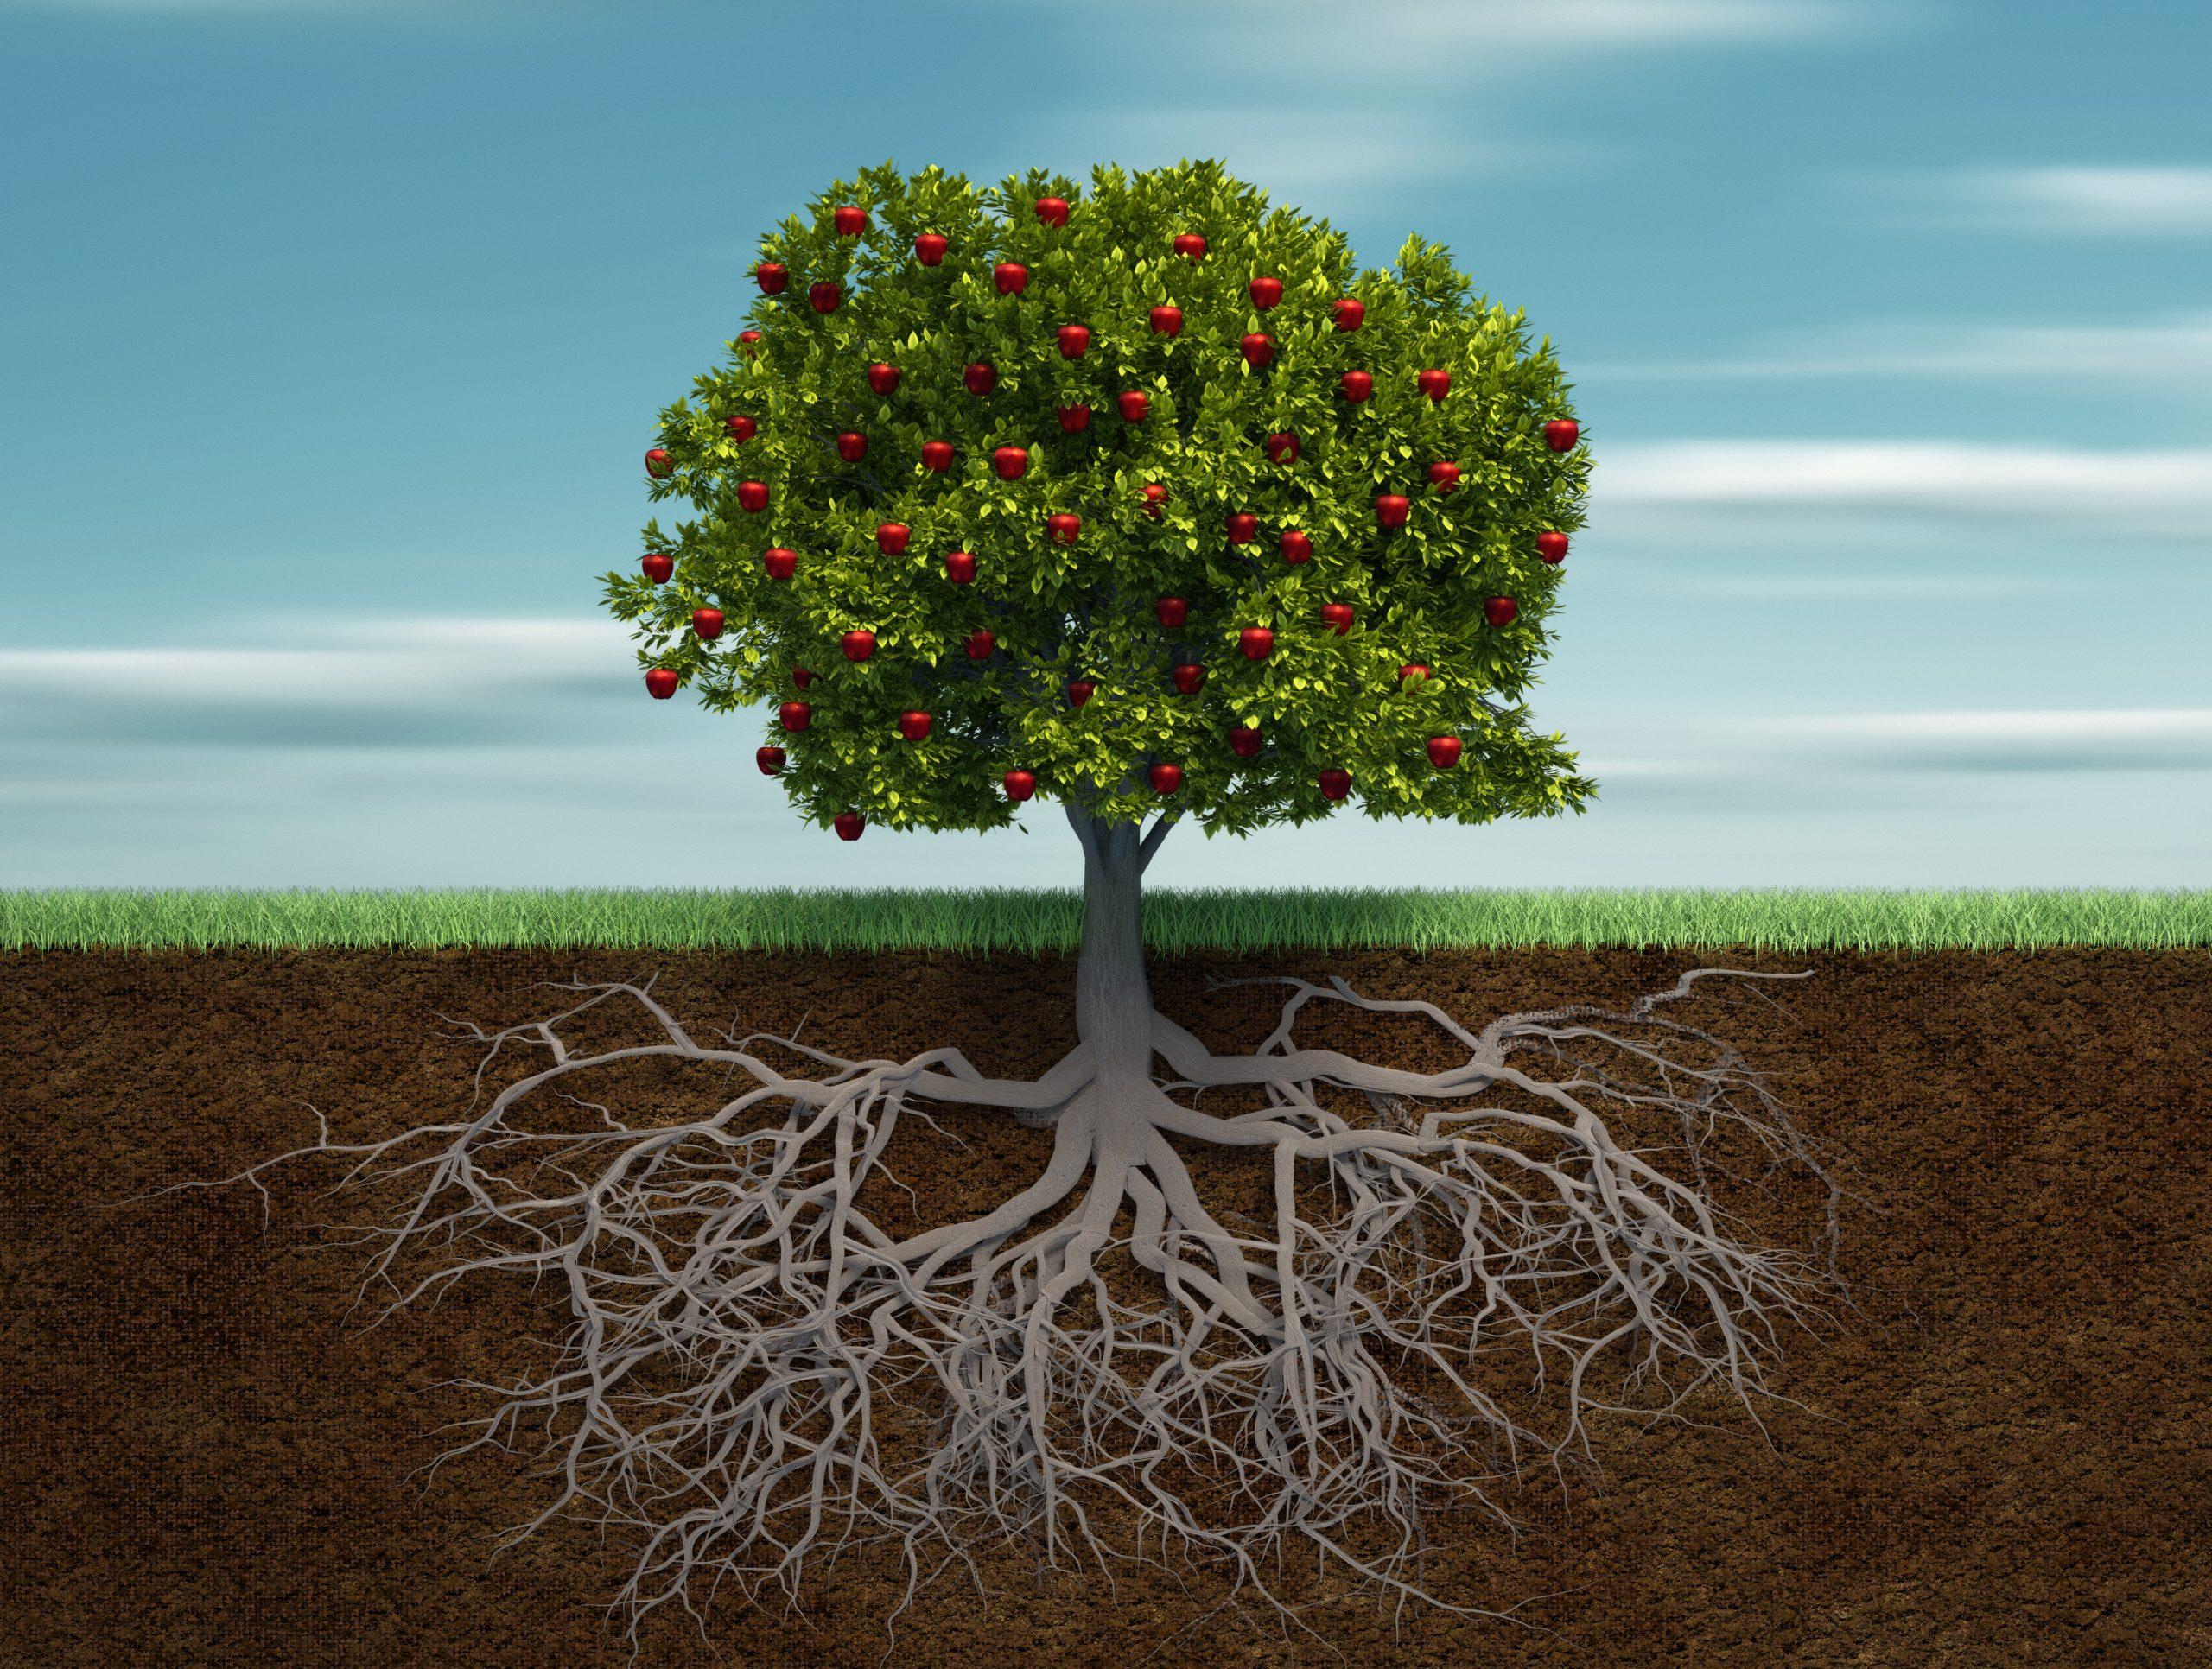 Baum mit Früchten